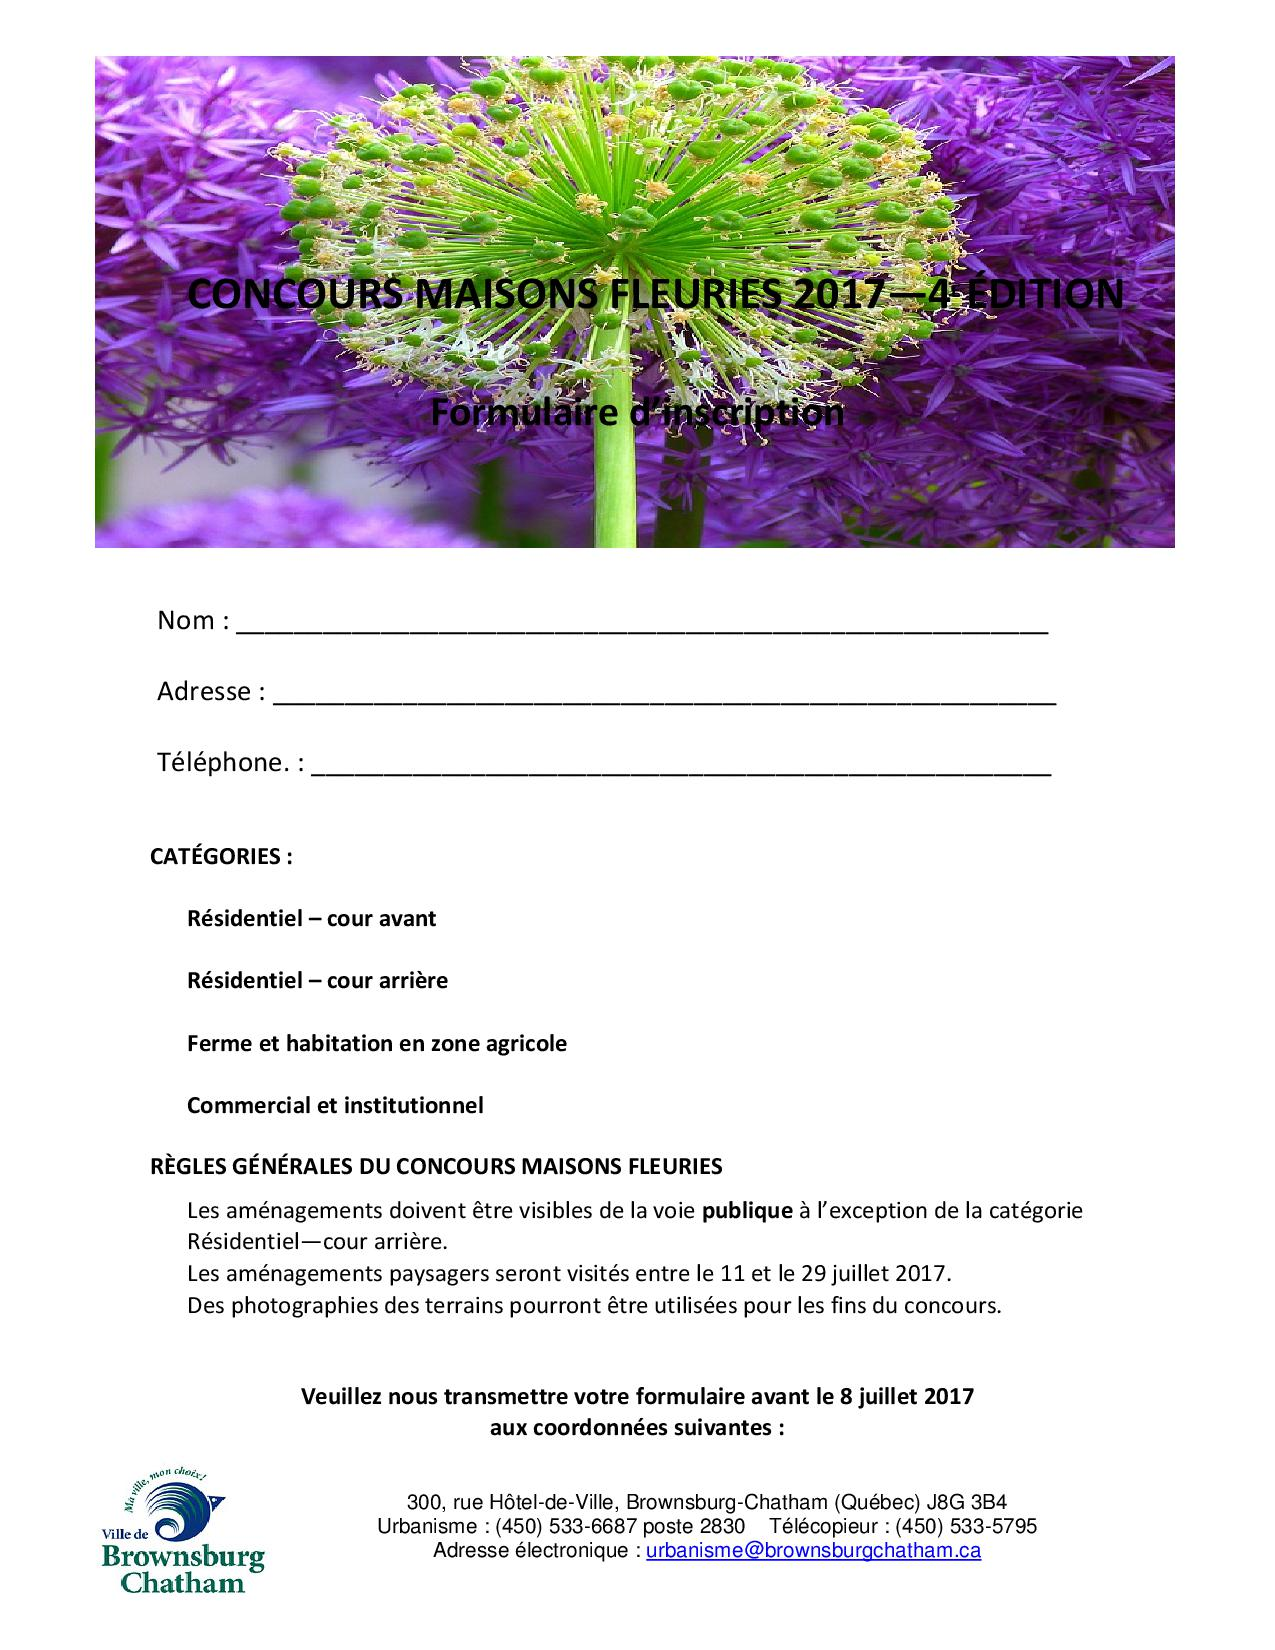 Formulaire-Concours-maisons-fleuries-2017